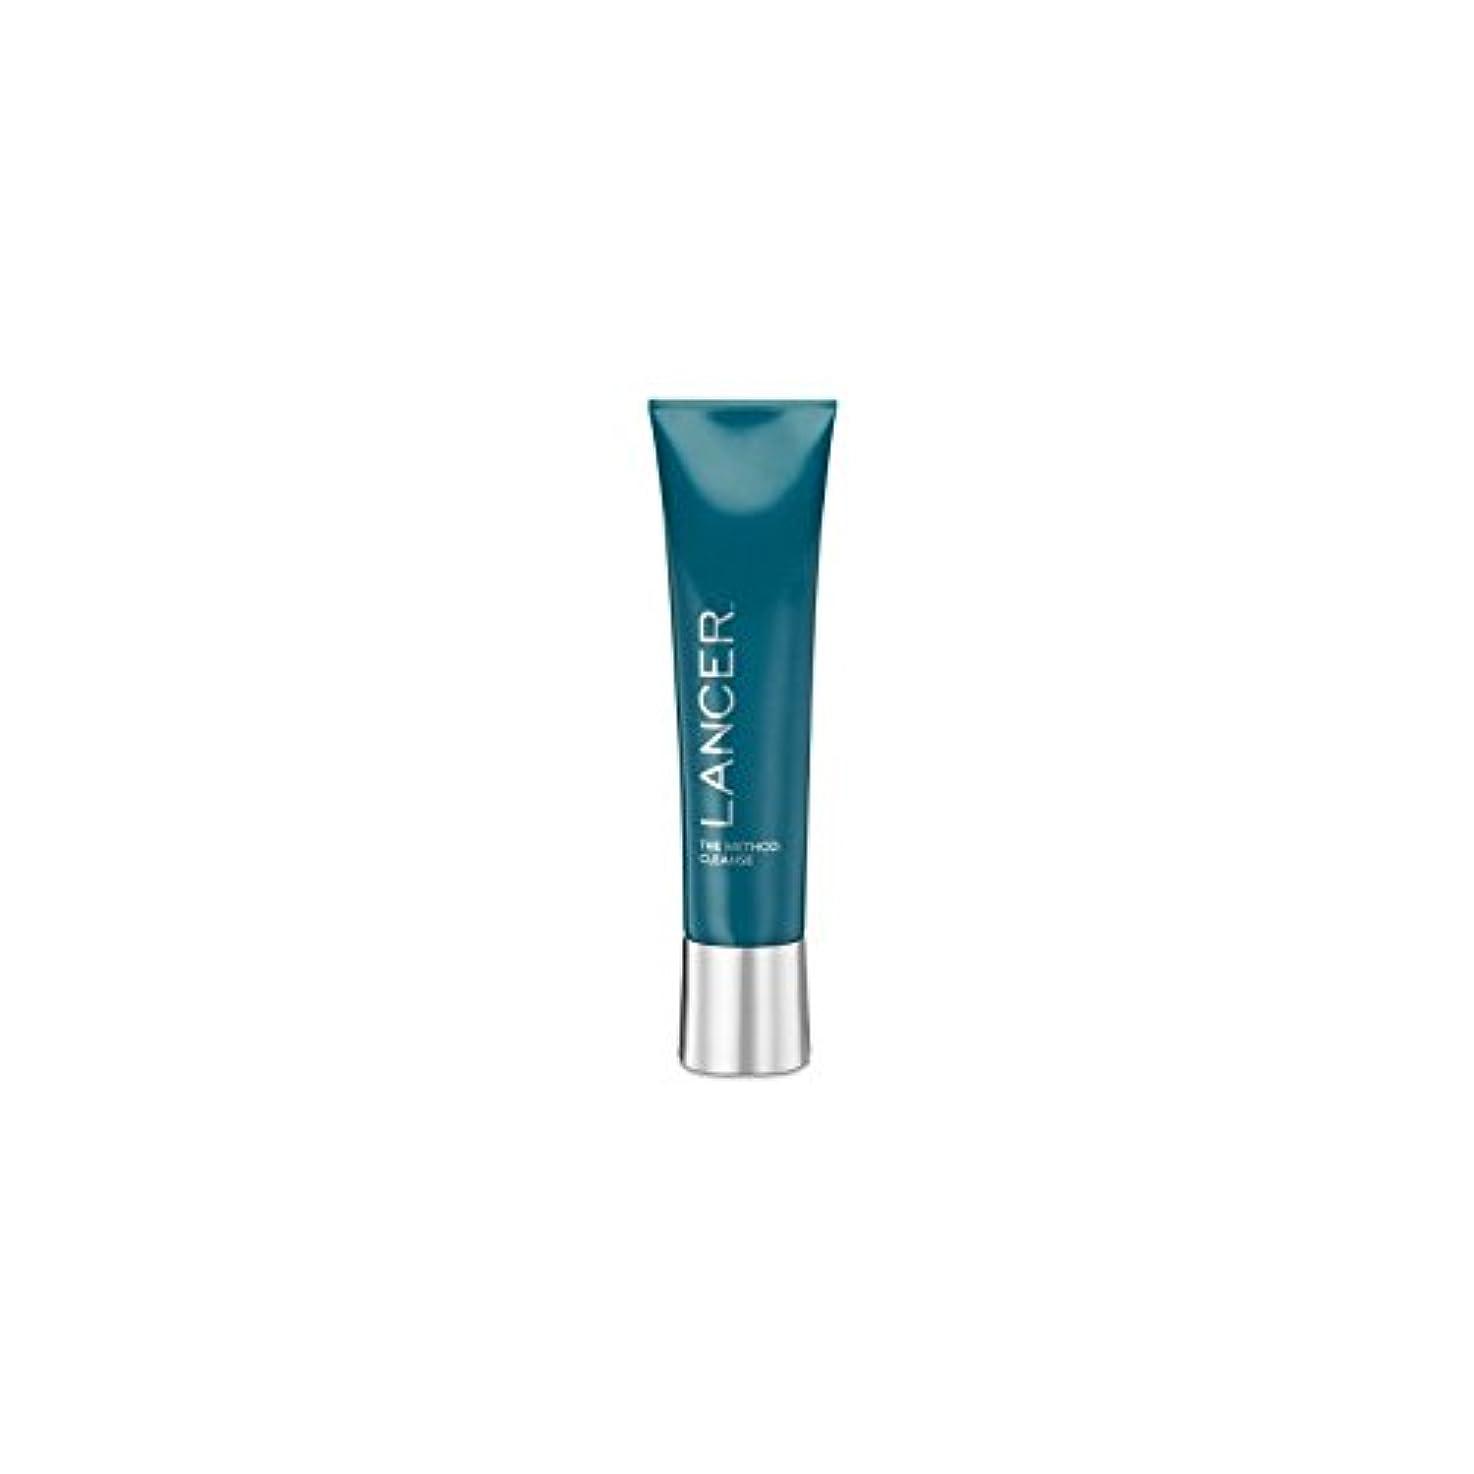 汚れた放射性単語Lancer Skincare The Method: Cleanser (120ml) (Pack of 6) - クレンザー(120ミリリットル):ランサーは、メソッドをスキンケア x6 [並行輸入品]